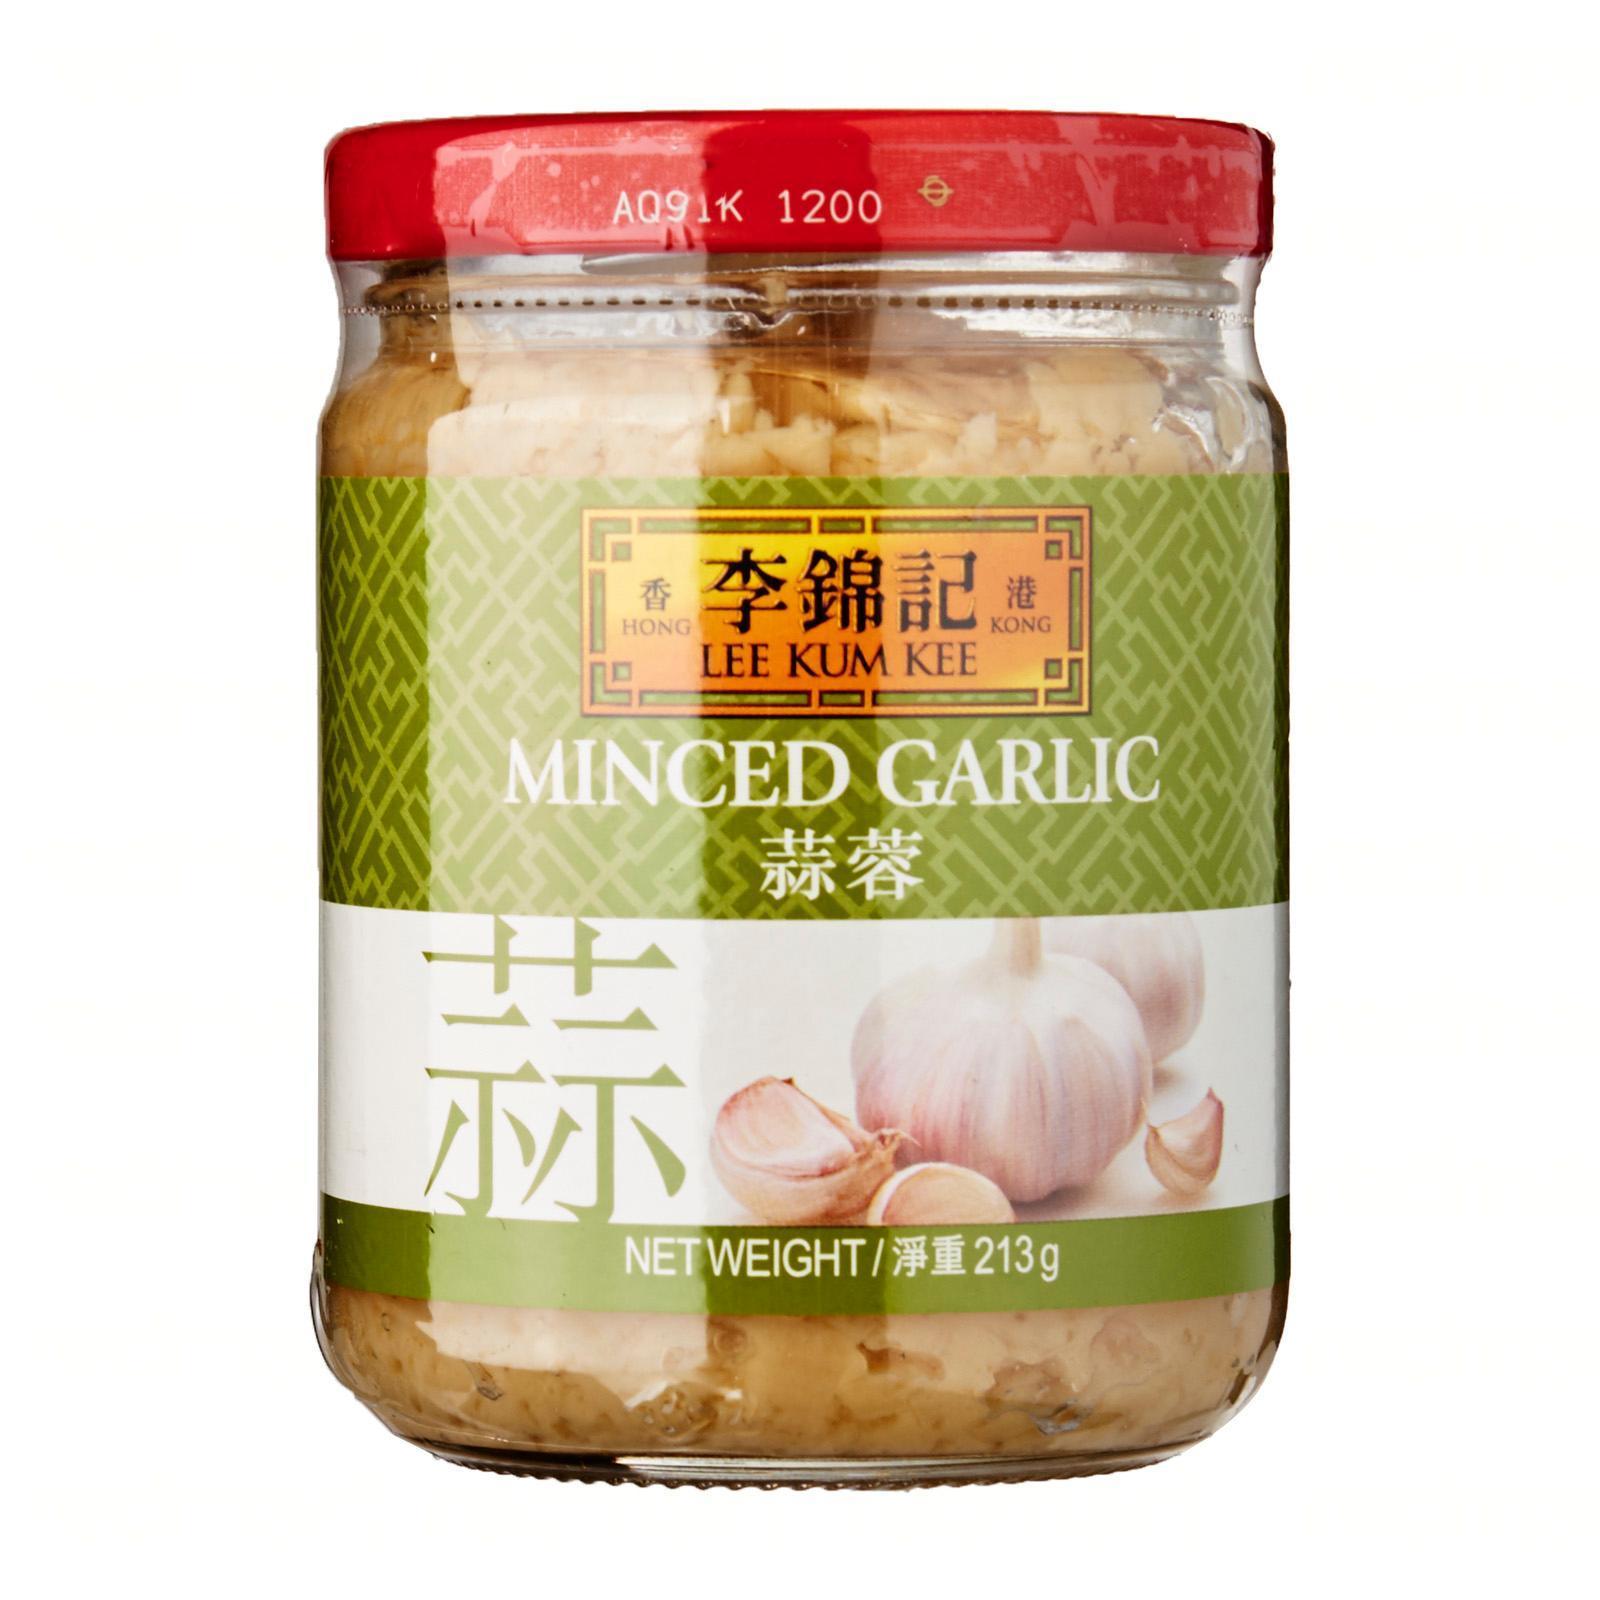 Lee Kum Kee Freshly Minced Garlic